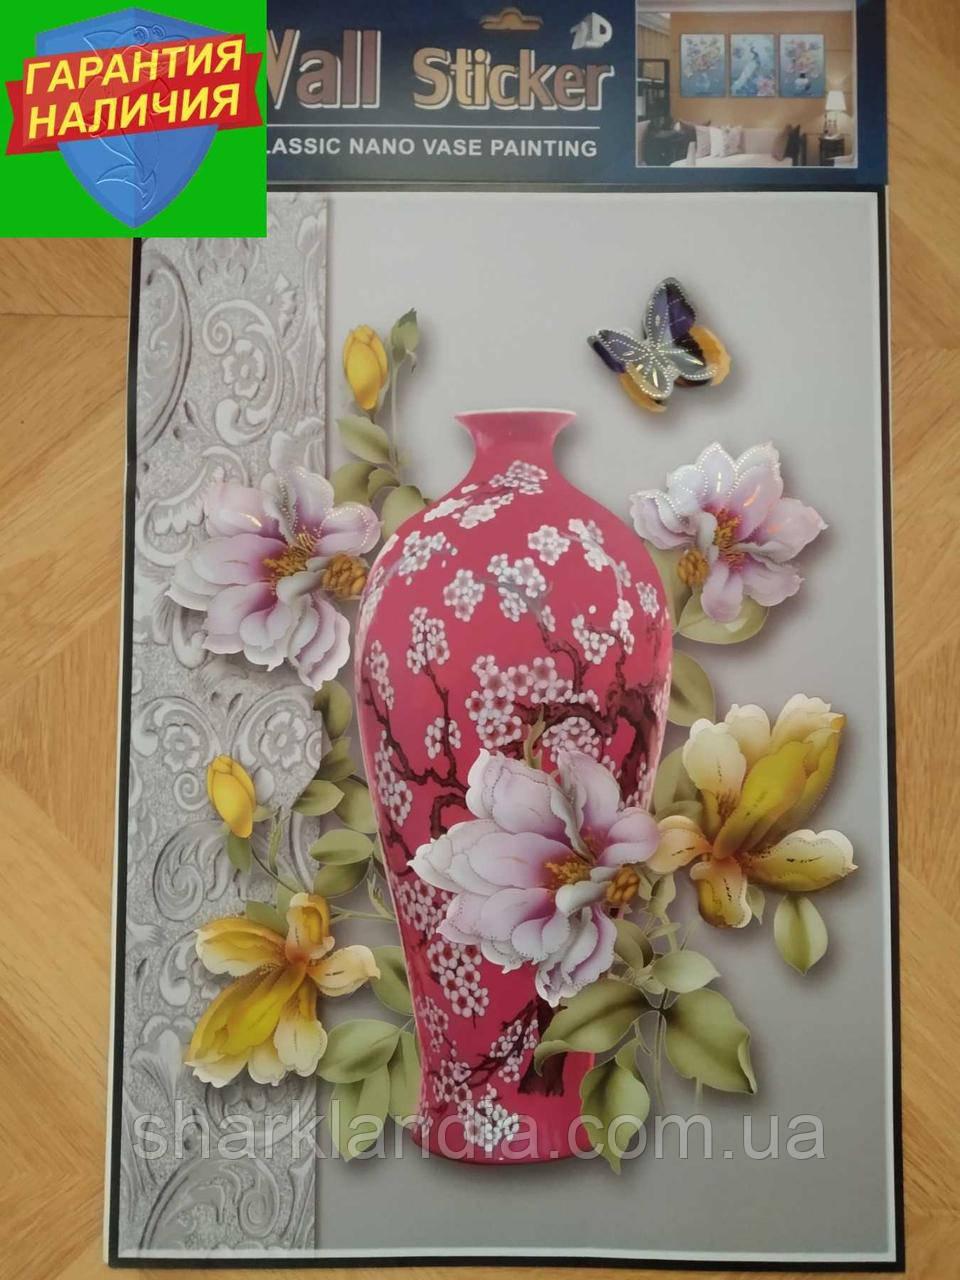 Объемная интерьерная виниловая наклейка на стену Ваза и бабочки